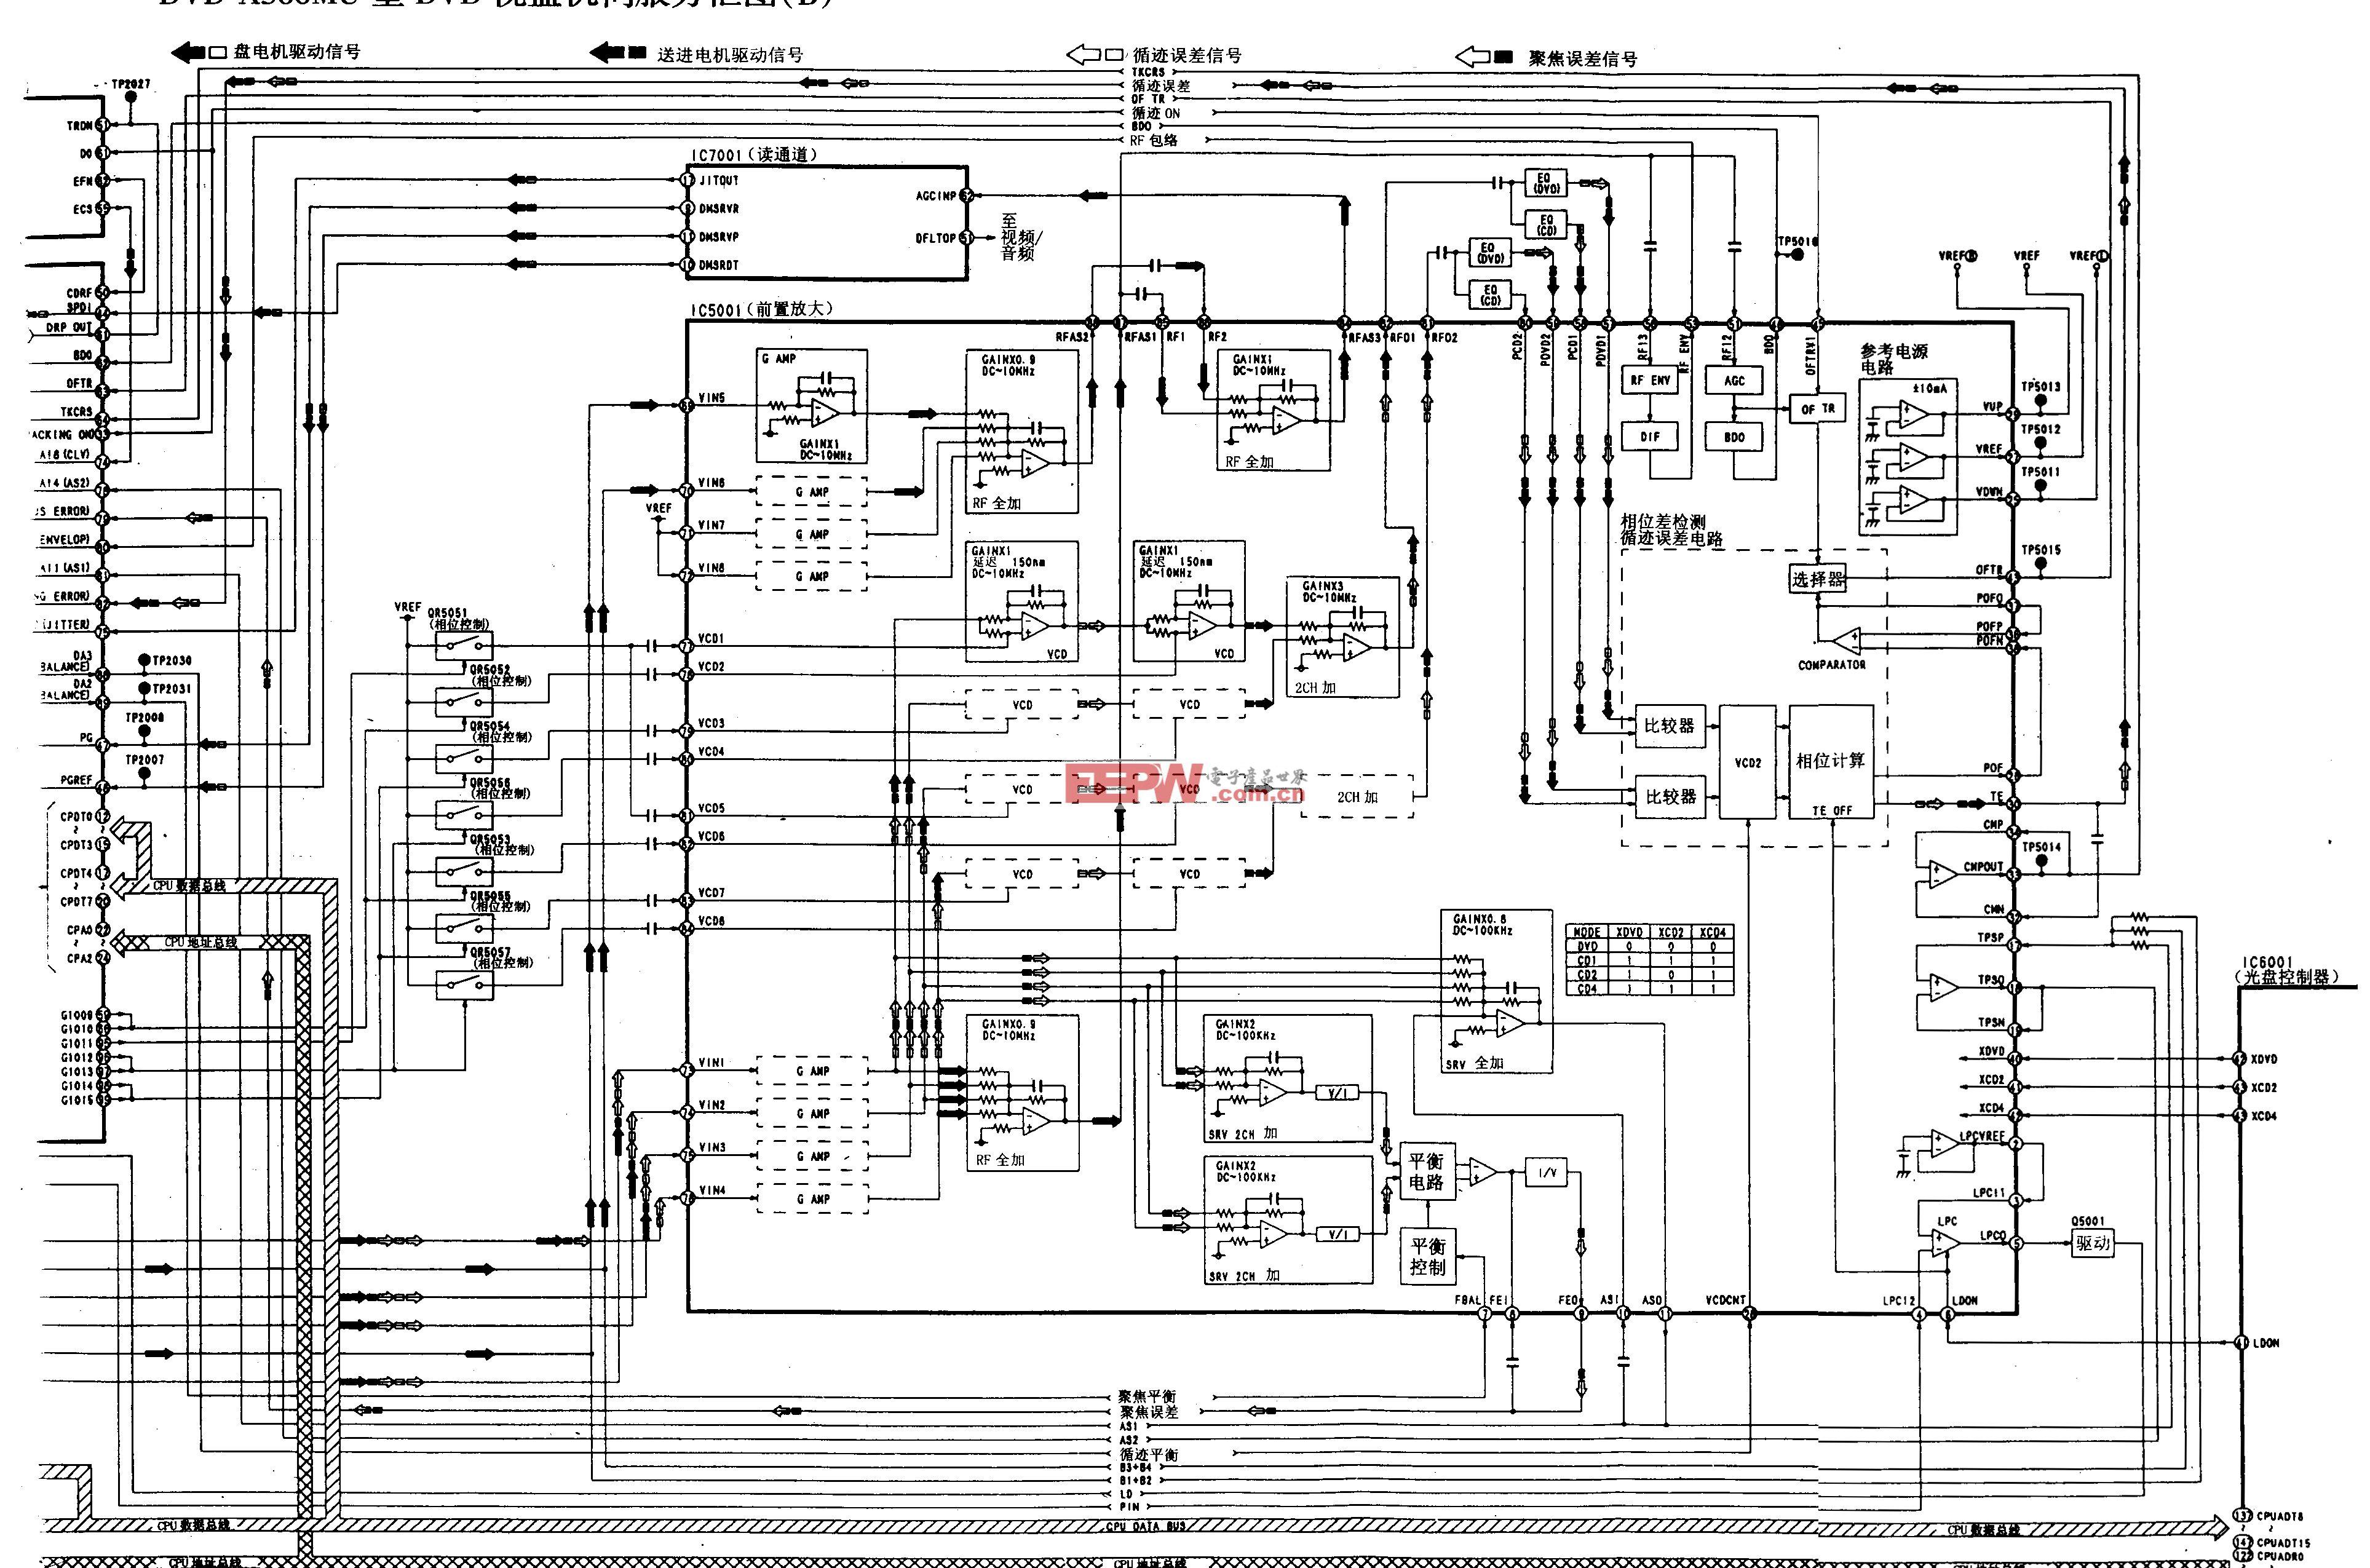 松下DVD-A300MU型DVD-伺服方框图B